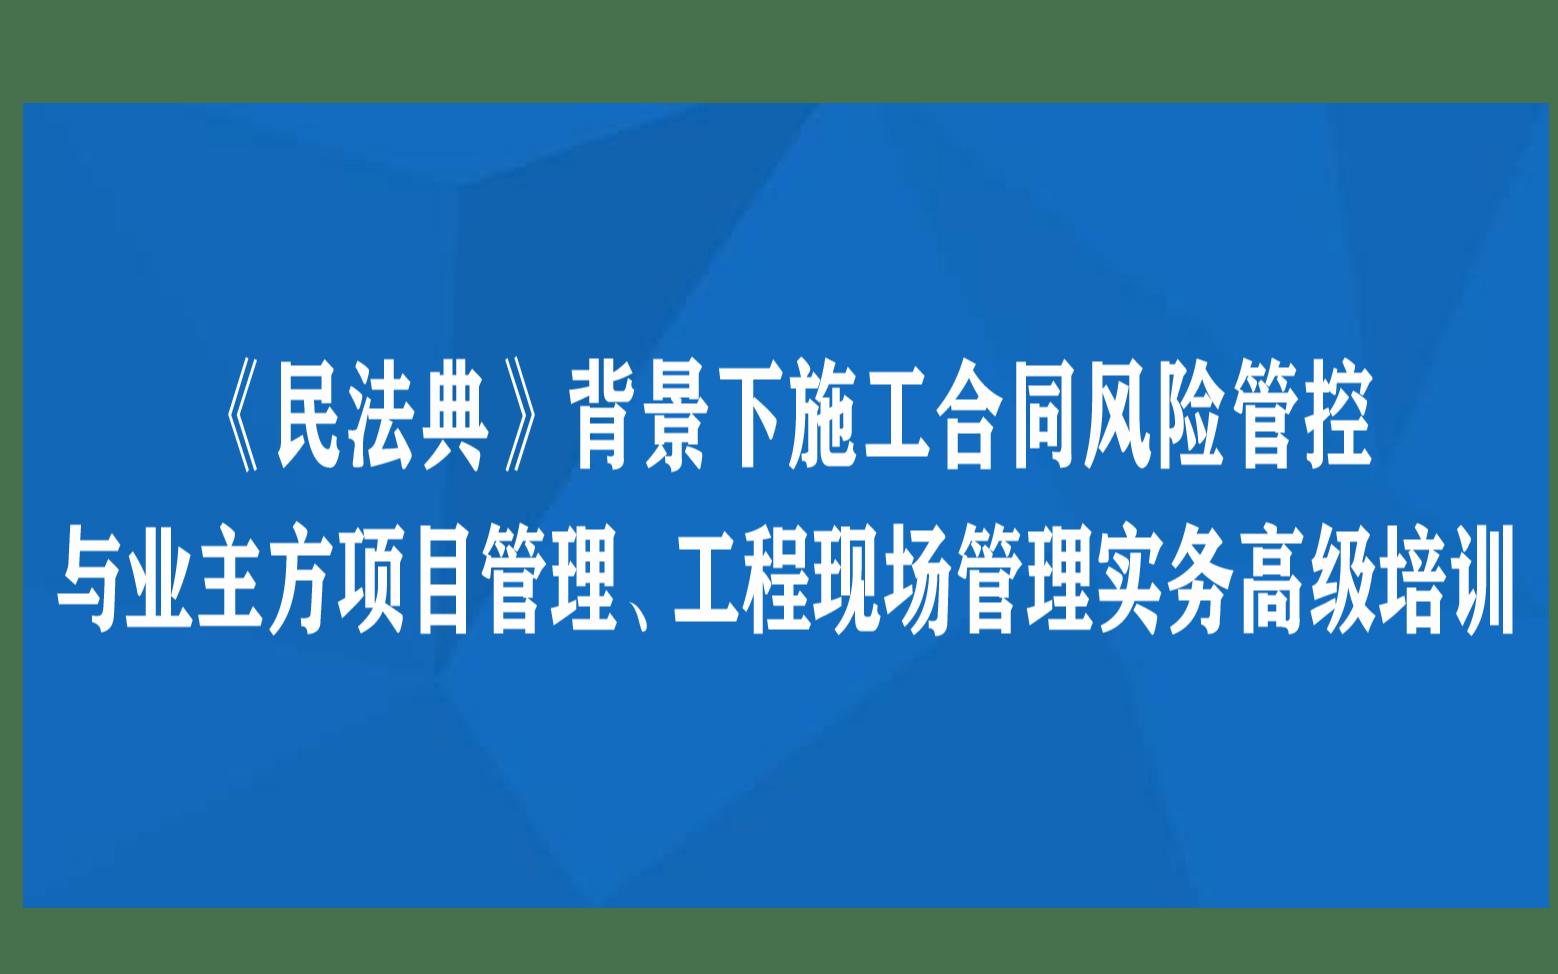 《民法典》背景下施工合同风险管控与业主方项目管理、工程现场管理实务高级培训长沙12月